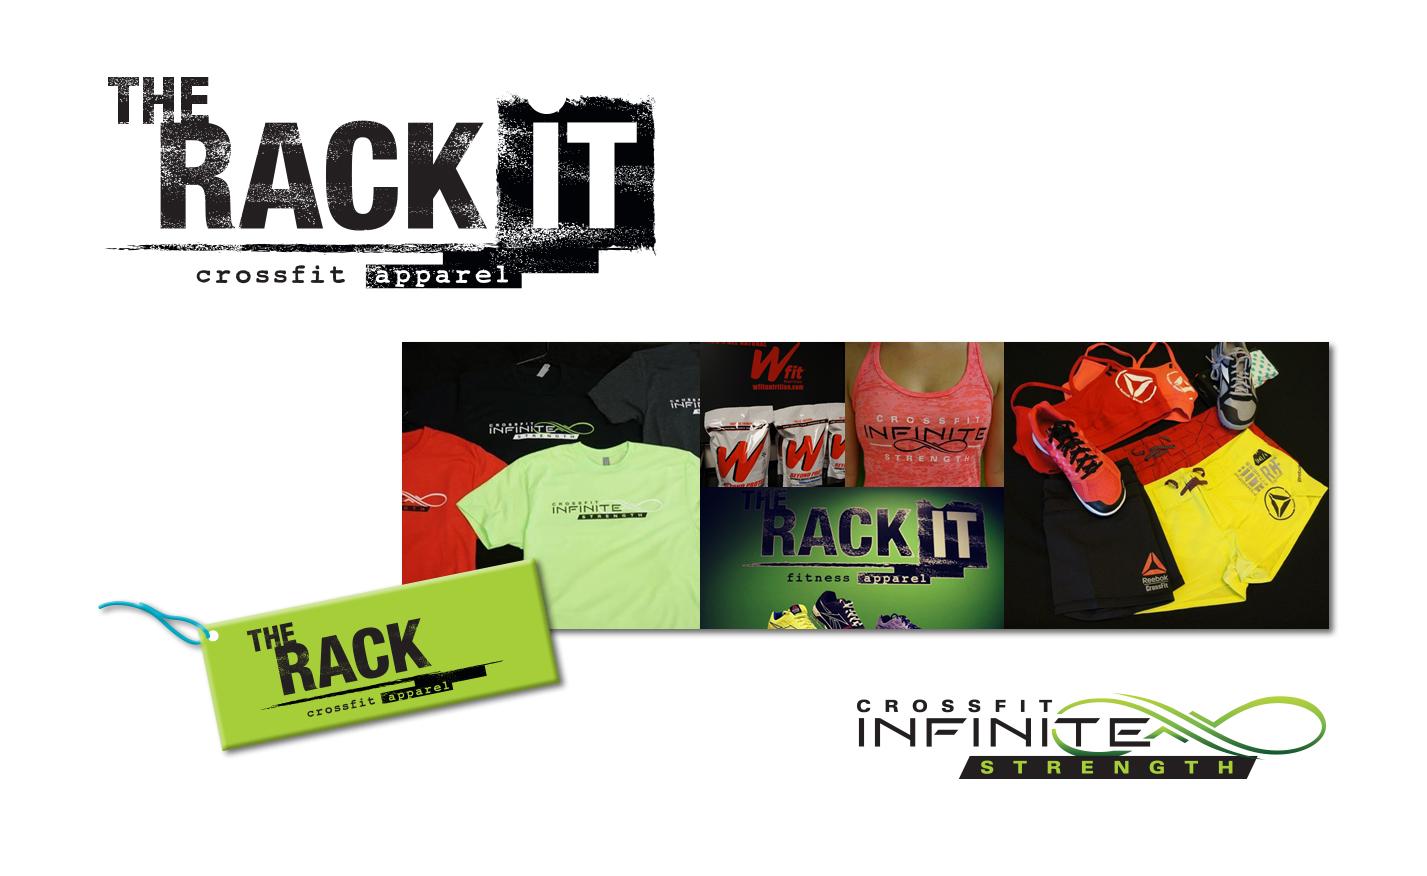 Infinite_Rack It.jpg